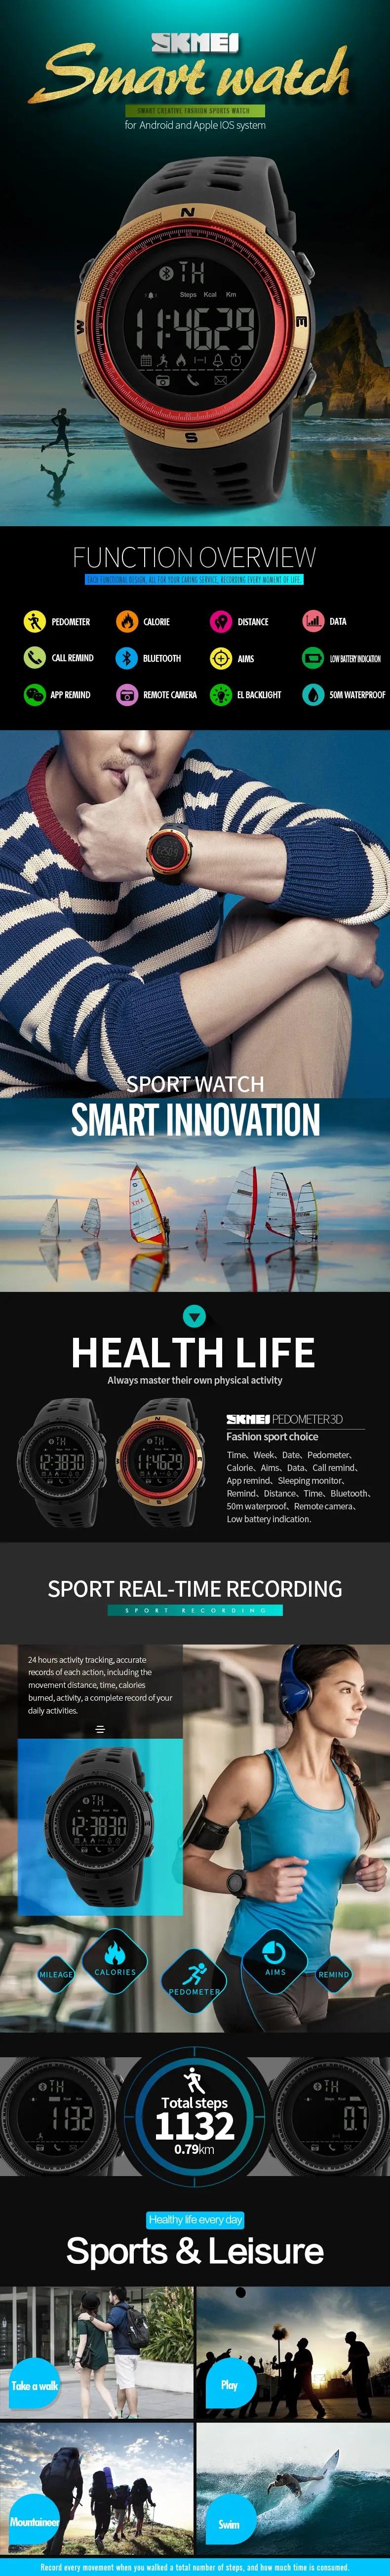 skmei 1250 smart watch a1a1ae5d 64d4 4a89 b459 3f7c3719f16d.jpg   Online In Pakistan